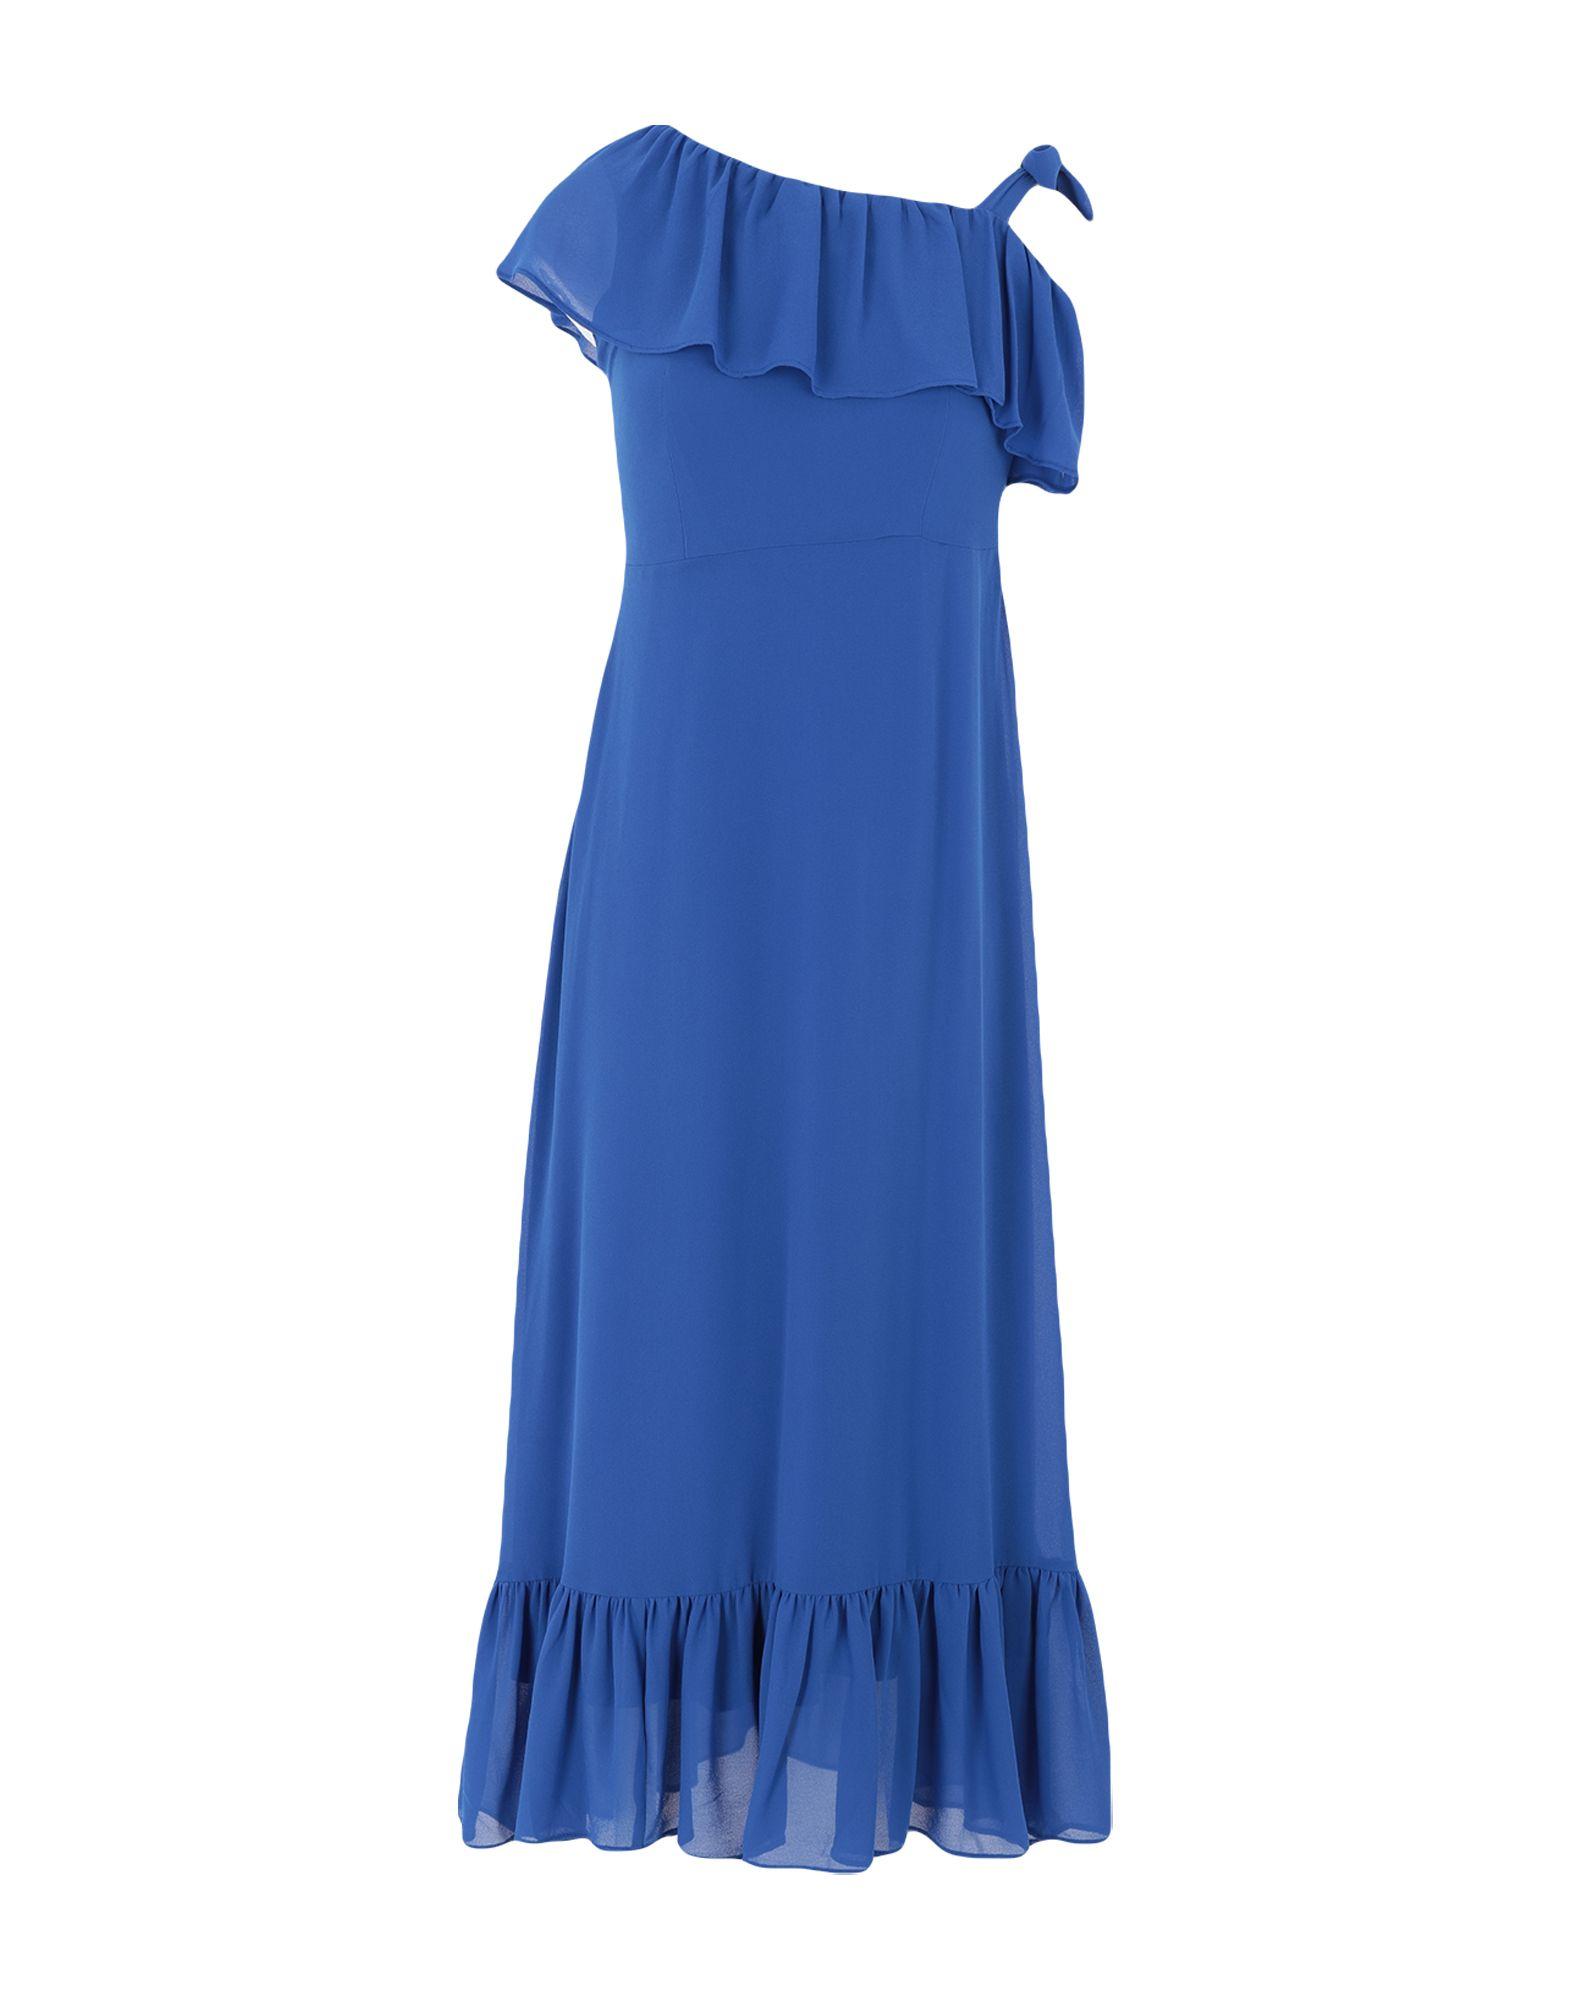 WILD PONY Платье длиной 3/4